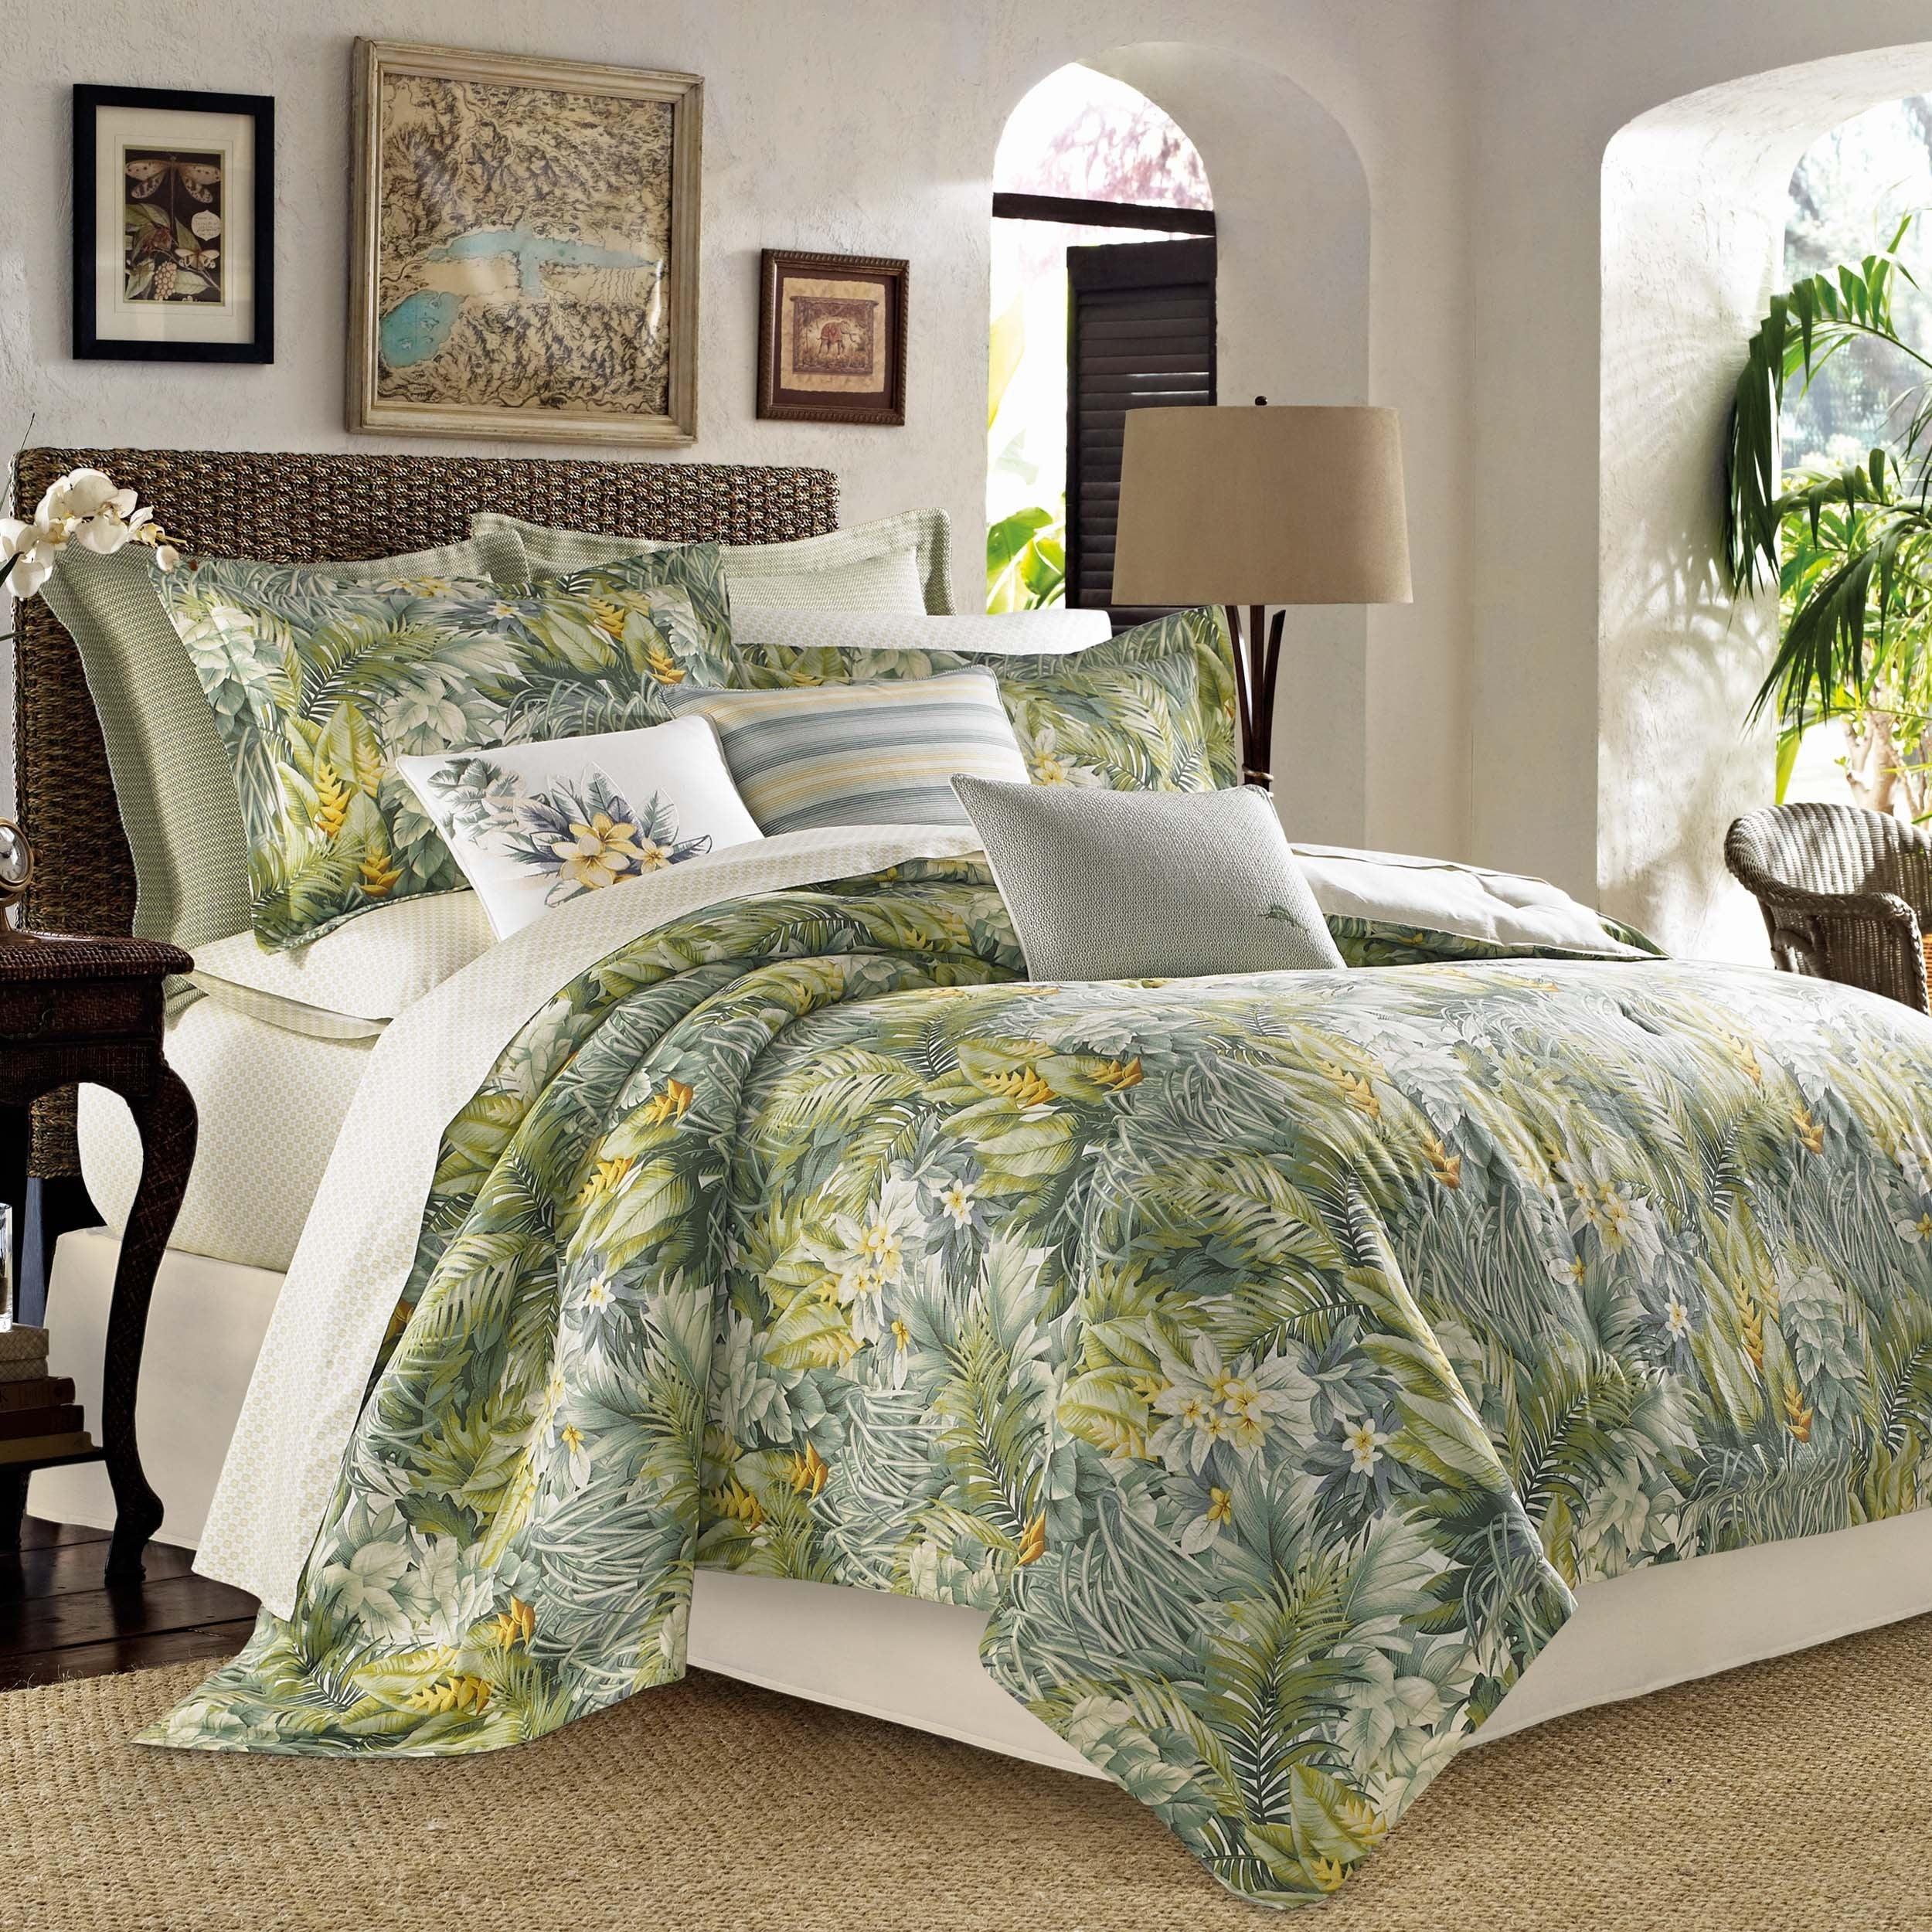 highland os comforter lodge bedding madison highlandlodge products set fl bed creek furnishings